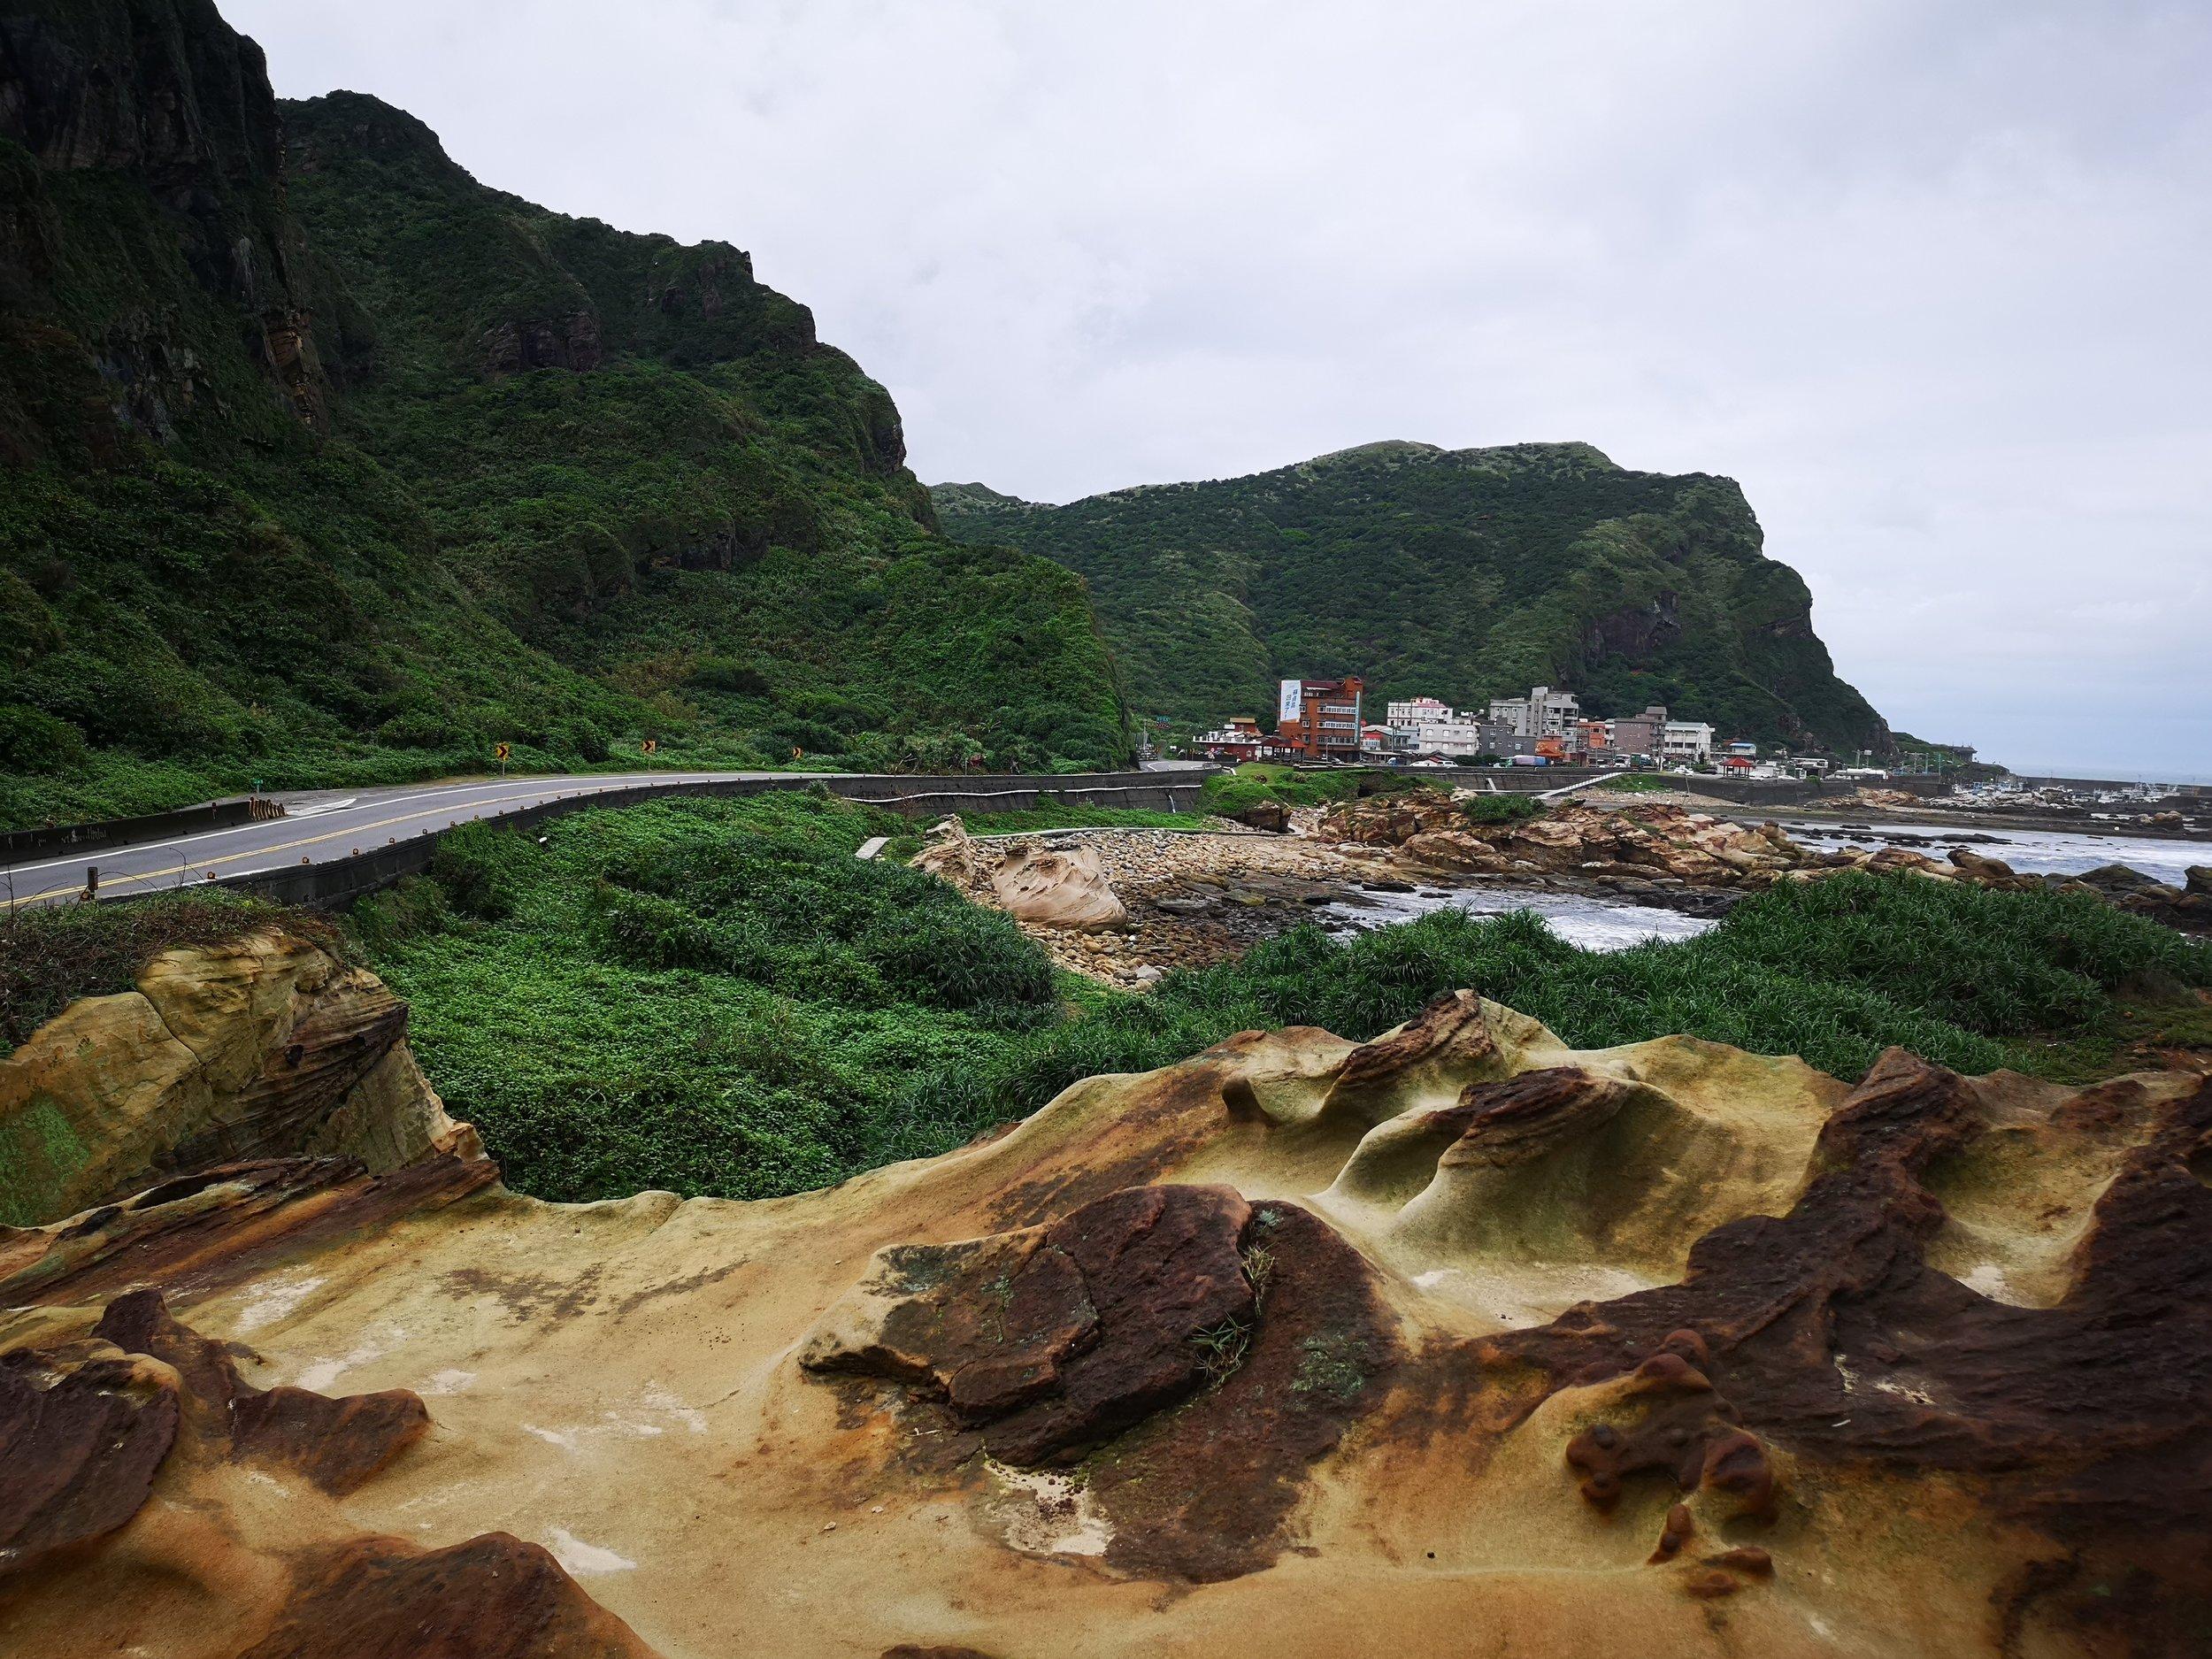 Nanya Rock Formation